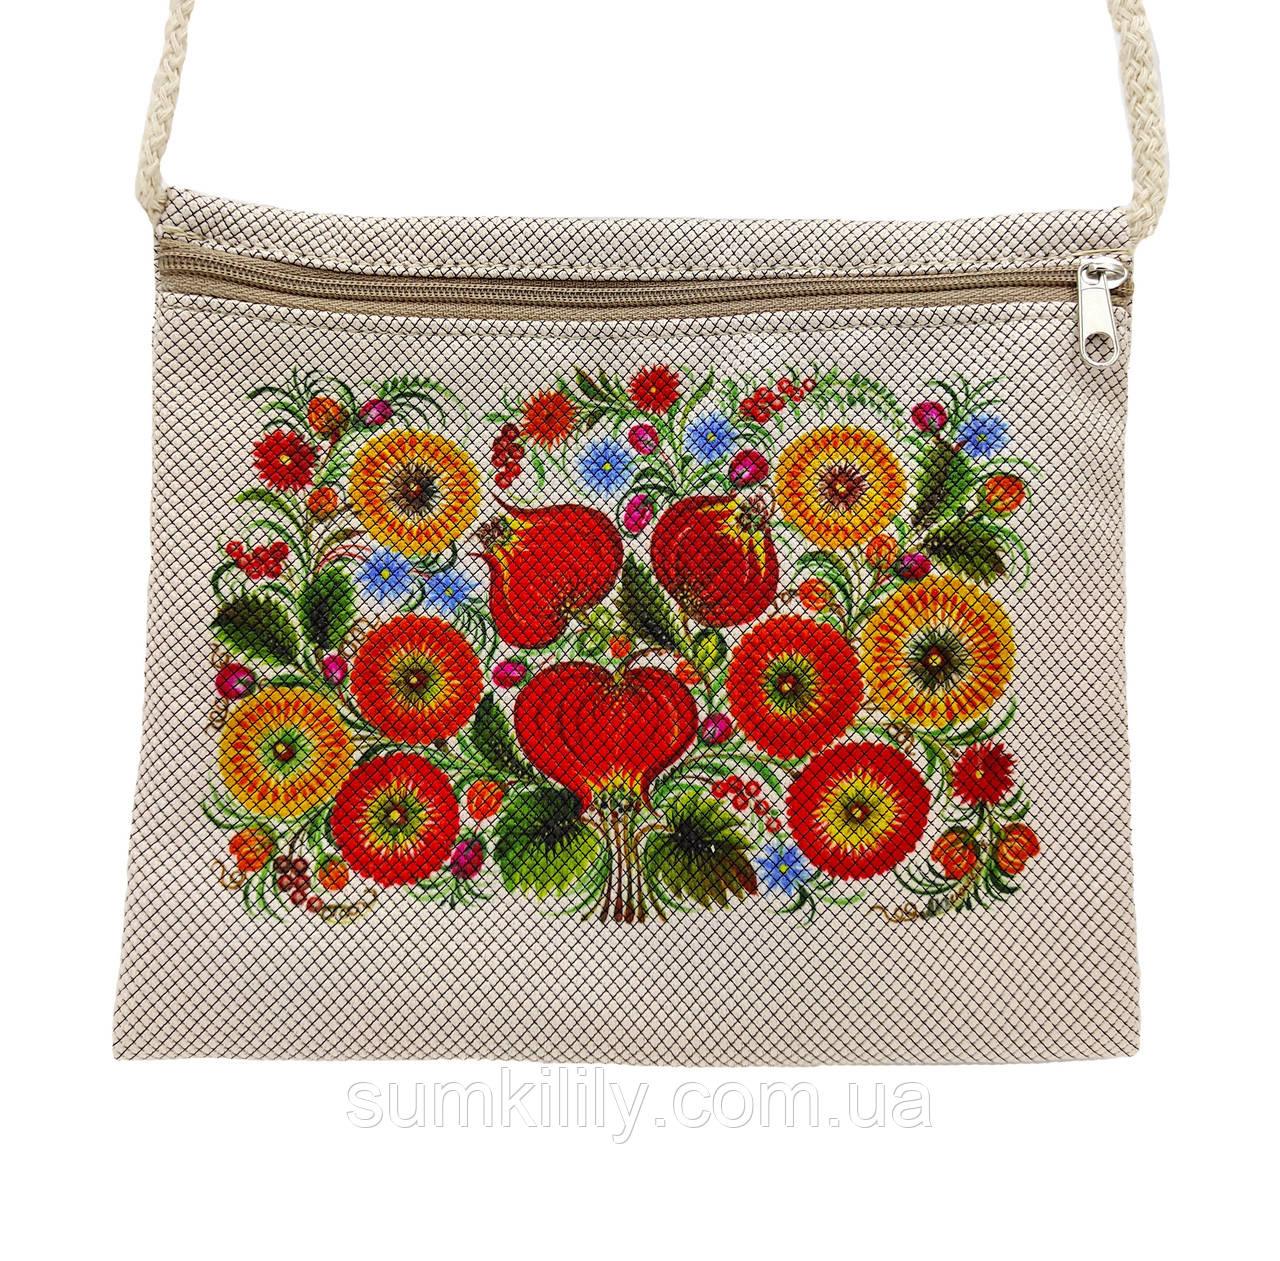 Текстильний гаманець Цыбульки